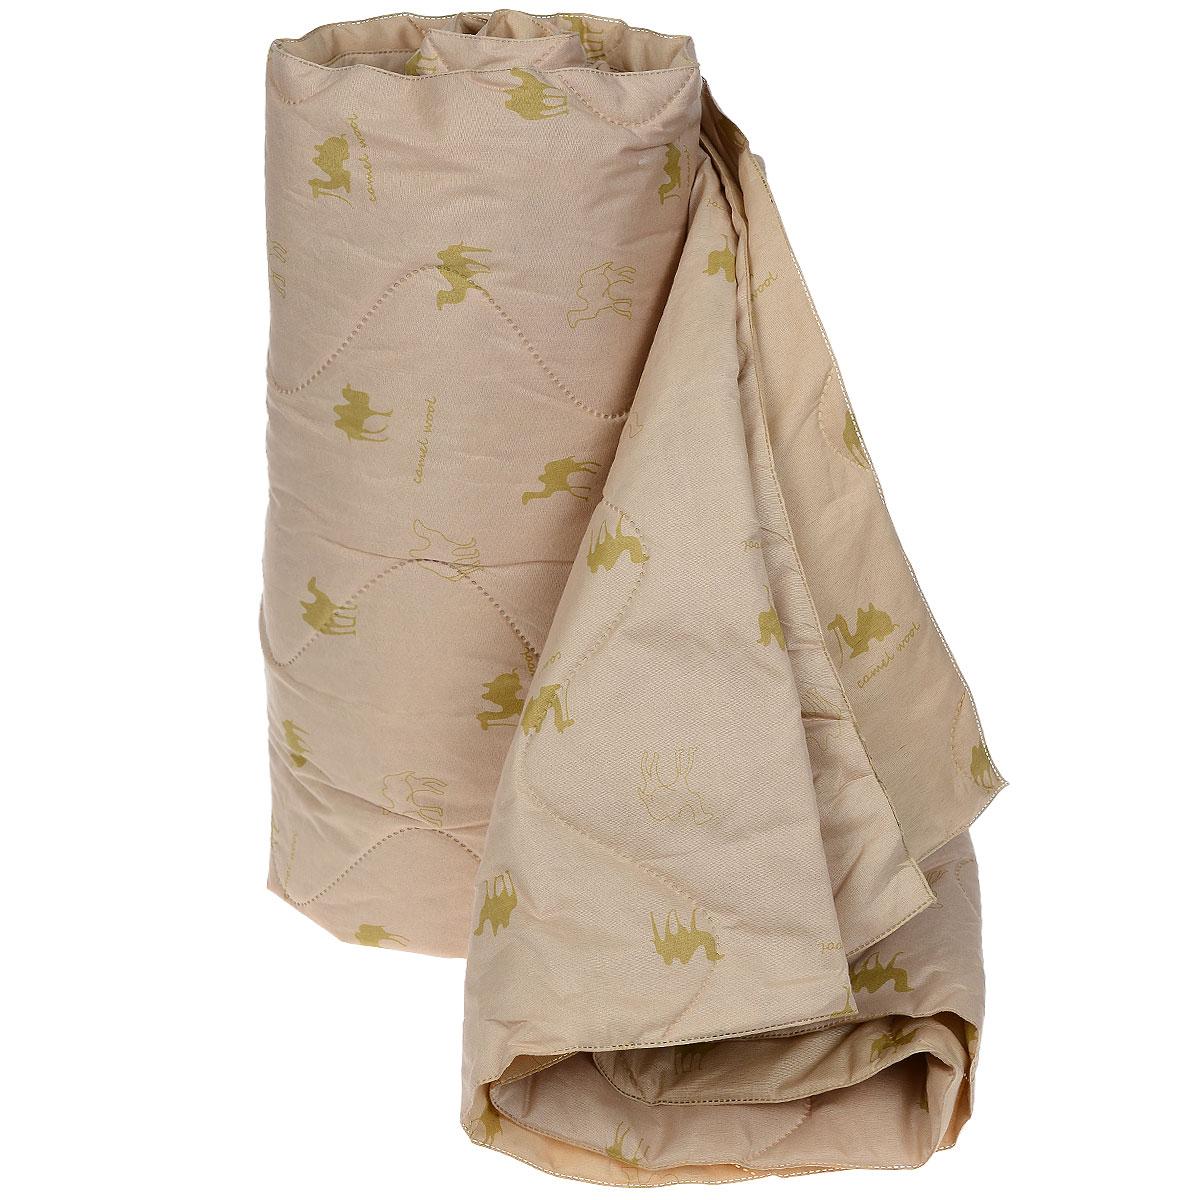 Одеяло Подушкино Верблюжье, наполнитель: шерсть, вискоза, 172 х 205 см183678Одеяло Подушкино Верблюжье порадует вас своим теплом и качеством!Чехол одеяла изготовлен из инновационного материала - биософт с фигурной безниточной стежкой, наполнитель - 40% верблюжья шерсть и 60% вискоза.Биософт - ткань из полиэстеровой нити с плотной и шелковистой на ощупь структурой. Легко стирается, не деформируется, не садится, быстро сохнет и сохраняет цвет на долгое время. Изделия из этой ткани очень легкие. Верблюжья шерсть давно оценена потребителями за исключительные достоинства, присущие только ей: - оздоравливающие свойства - благодаря содержанию ланолина нейтрализует токсины, улучшает микроциркуляцию кожи, расширяет сосуды, усиливает обмен веществ и помогает избавиться от ревматических болей; - воздухопроницаемость - полая структура волоса позволяет воздуху свободно циркулировать внутри изделий; - гипоаллергенность. Размер одеяла: 172 см х 205 см.Уважаемые клиенты!Обращаем ваше внимание на цветовой ассортимент товара. Поставка осуществляется в зависимости от наличия на складе.